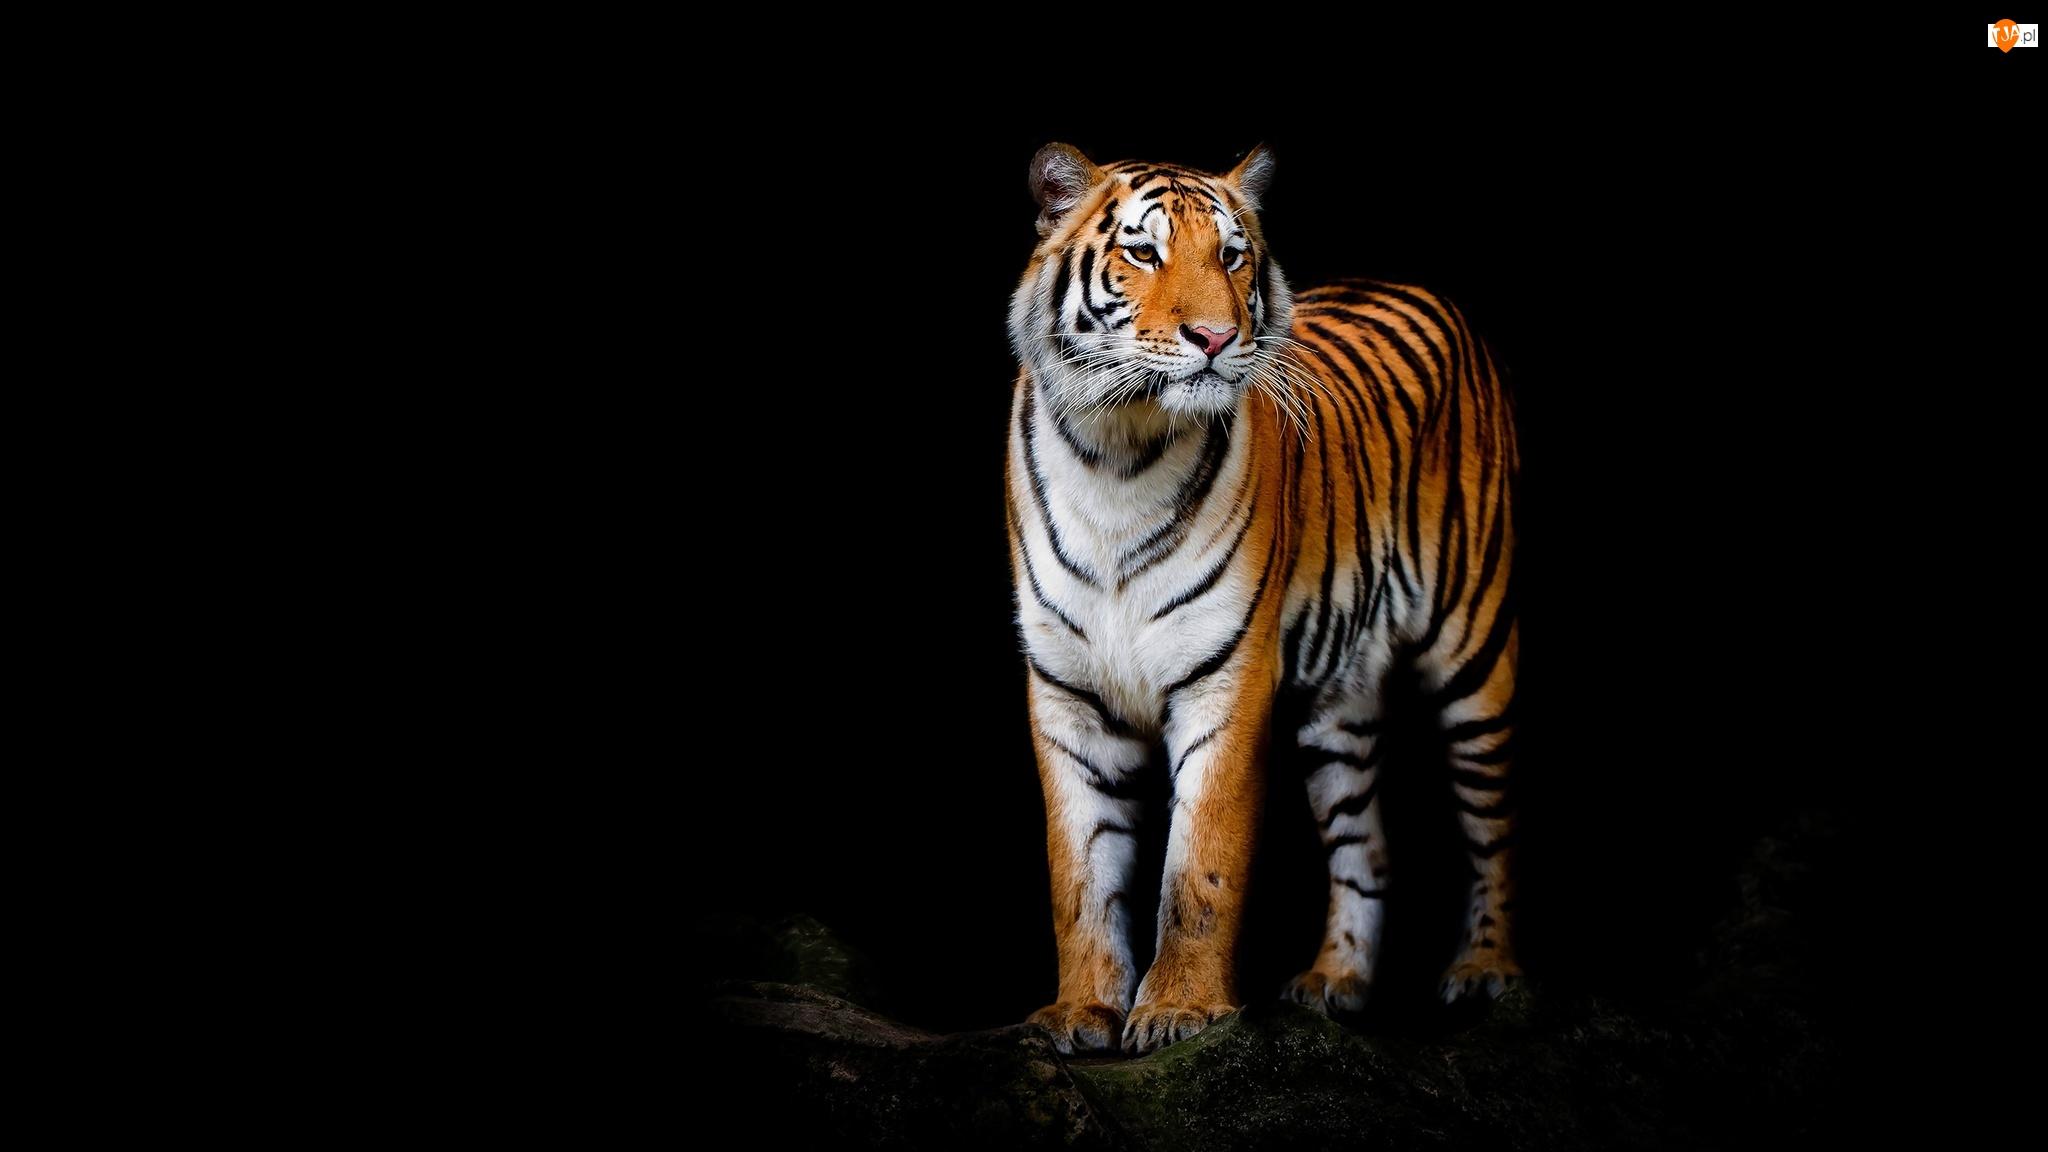 Czarne tło, Tygrys